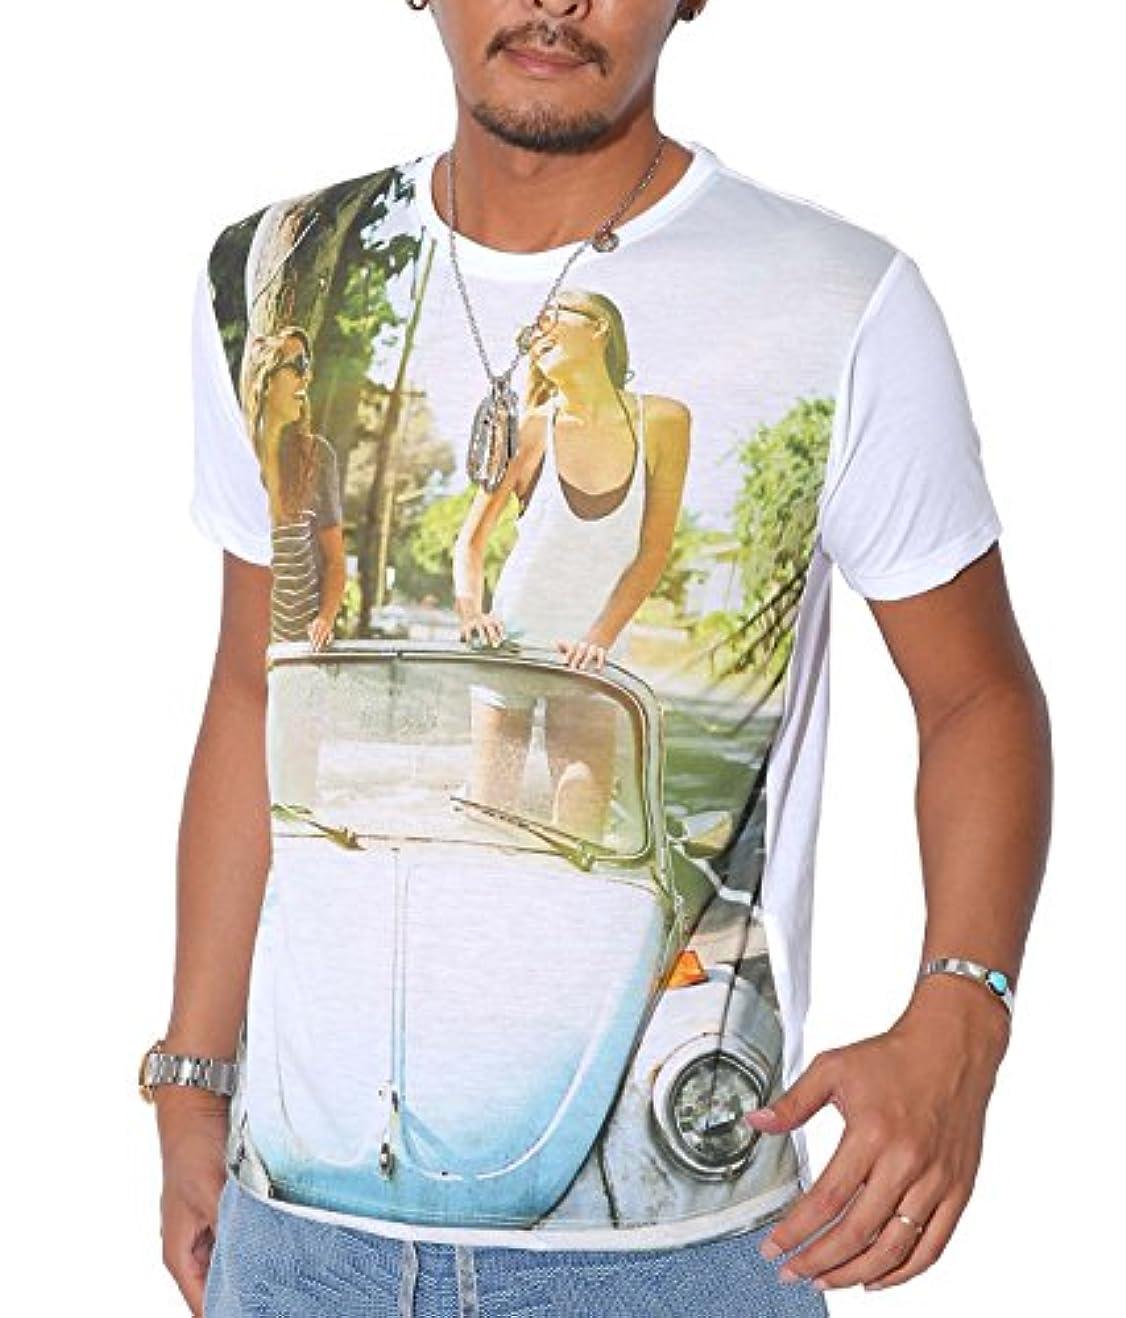 簡単に州ペインティング【ガールズフォトBIGプリント半袖Tシャツ】Tシャツ メンズ 半袖 星条旗柄